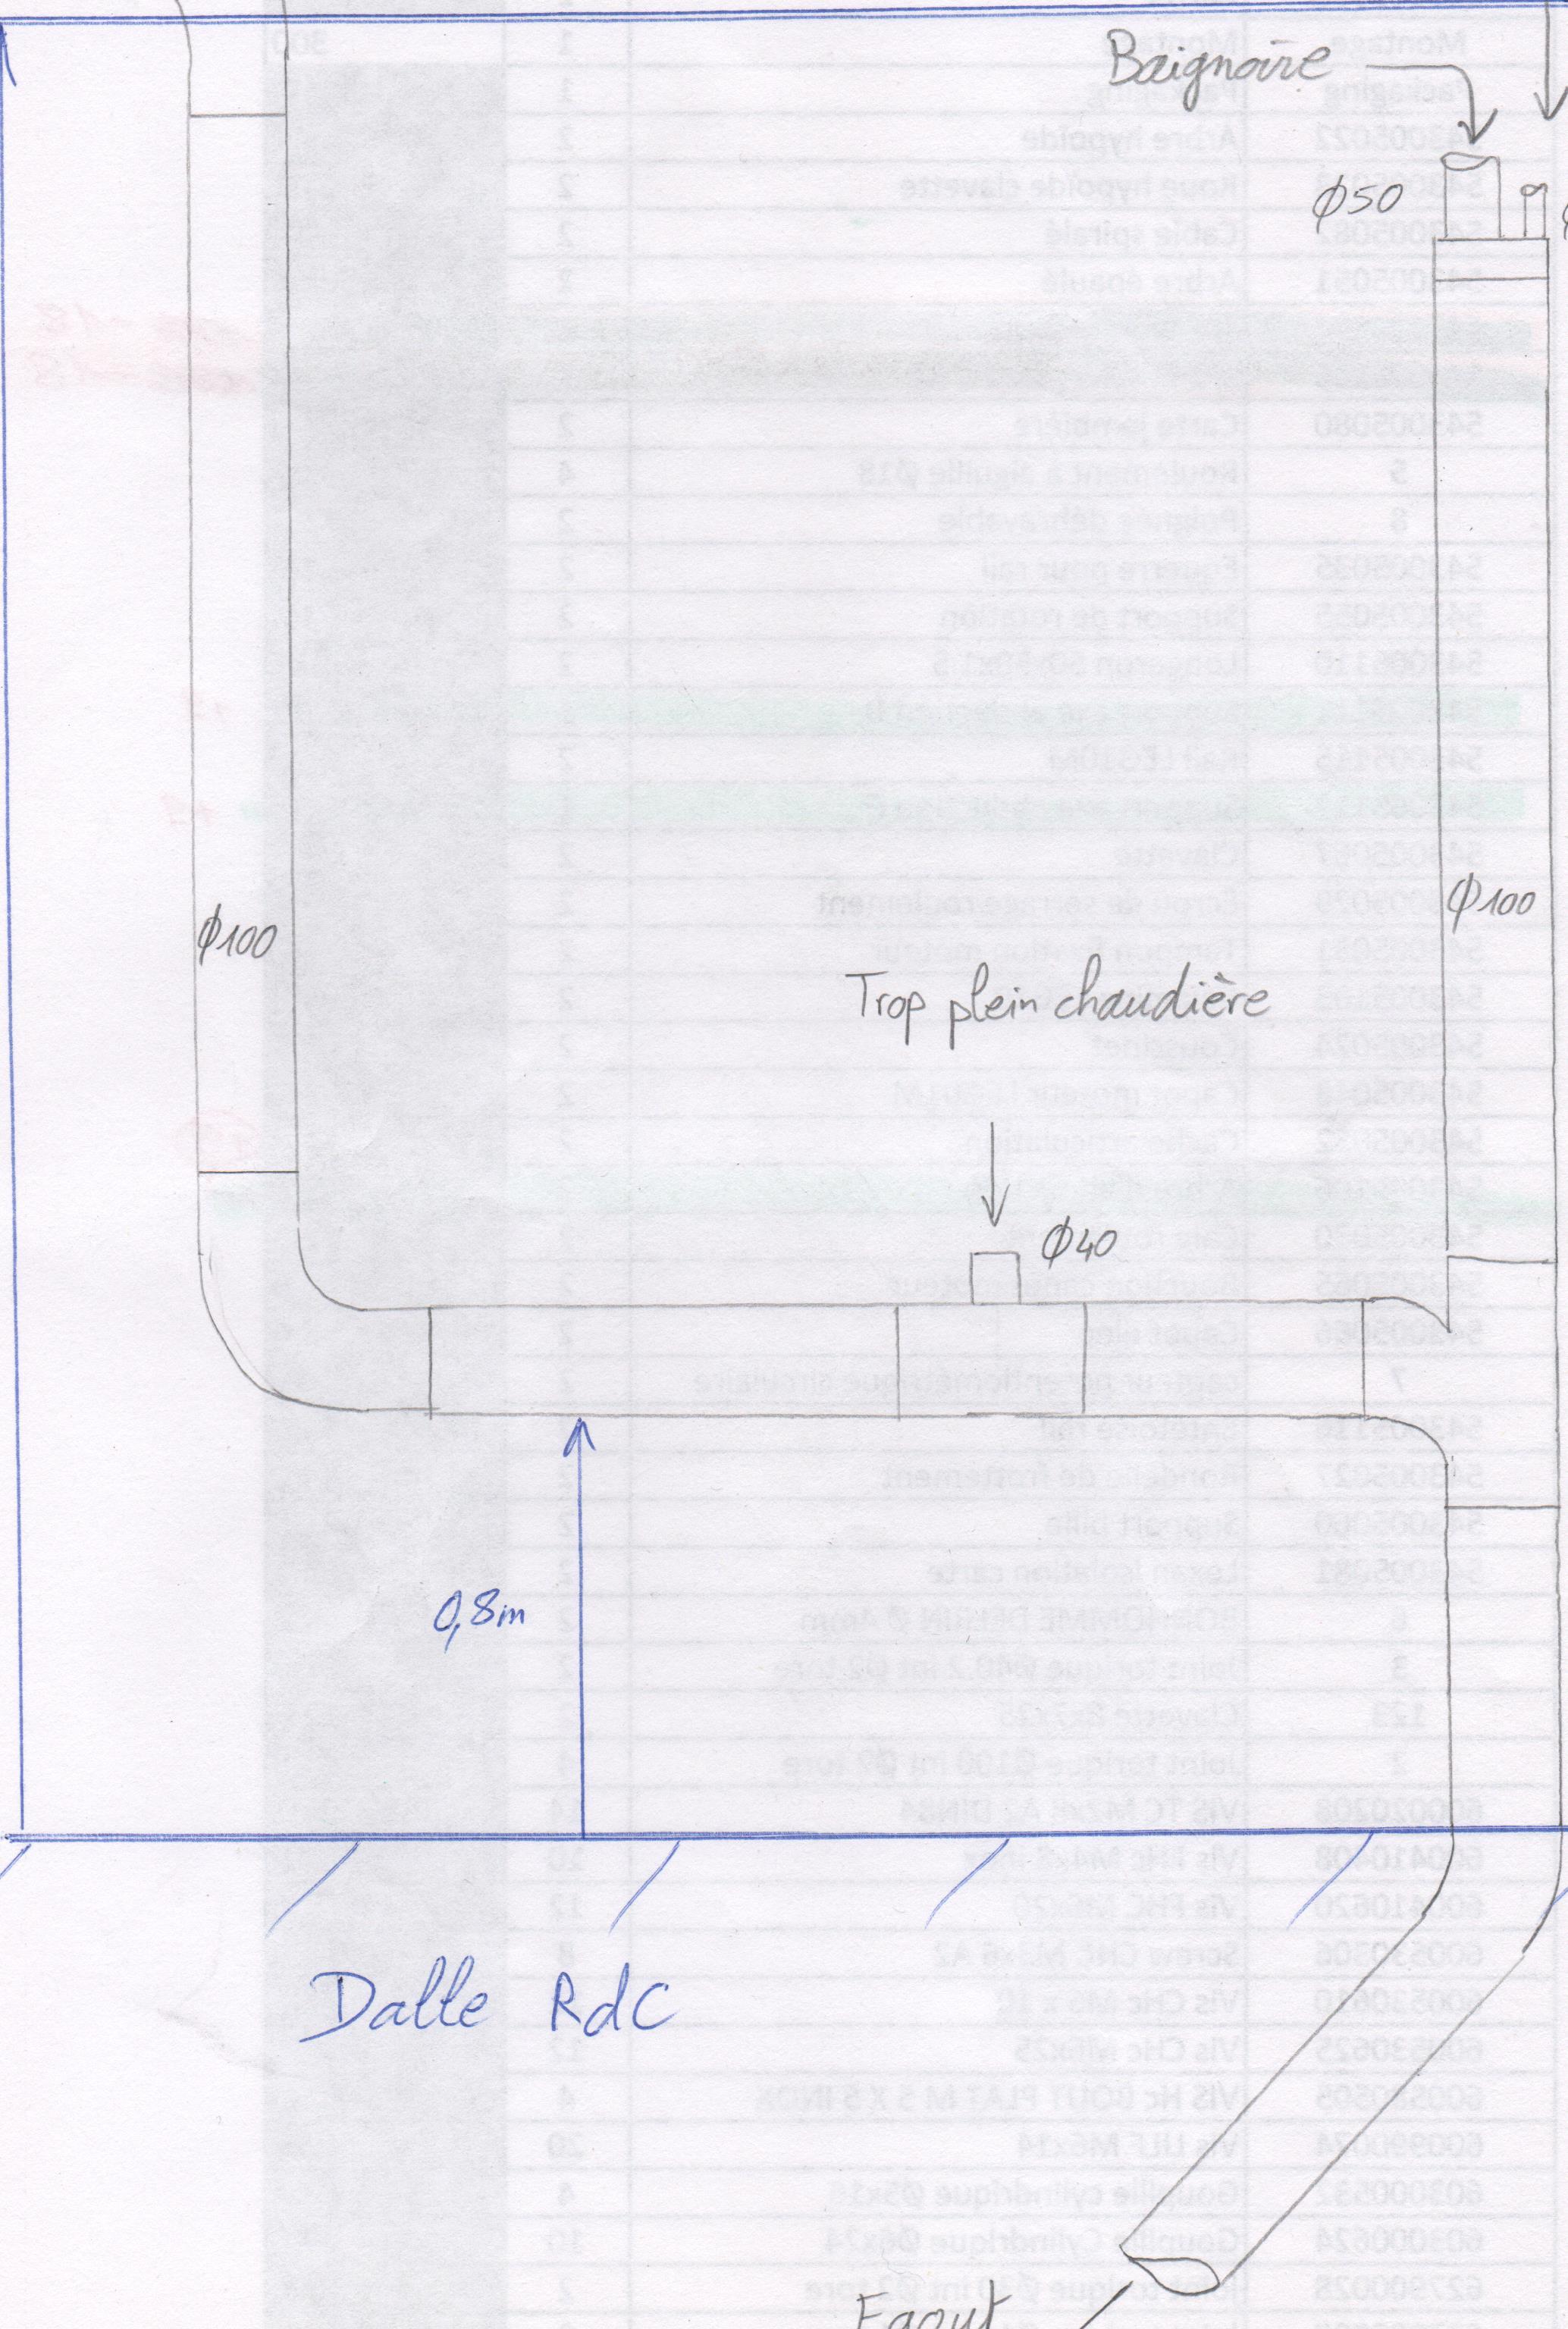 plan Evacuation.jpg, 629.25 kb, 2068 x 3072